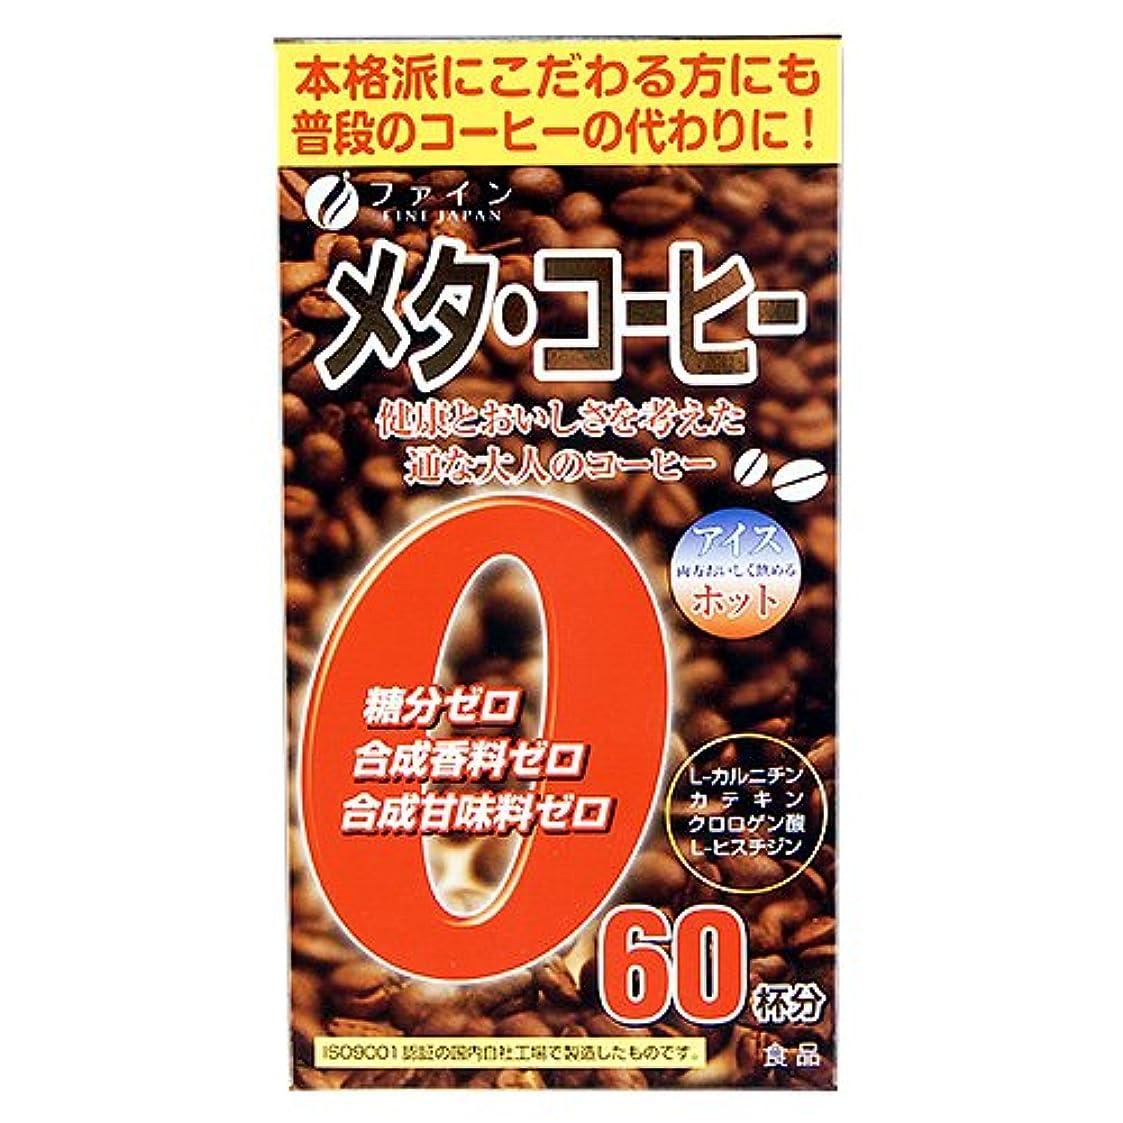 地域の梨グレートバリアリーフメタコーヒー 66g 1.1g×60包 ファイン